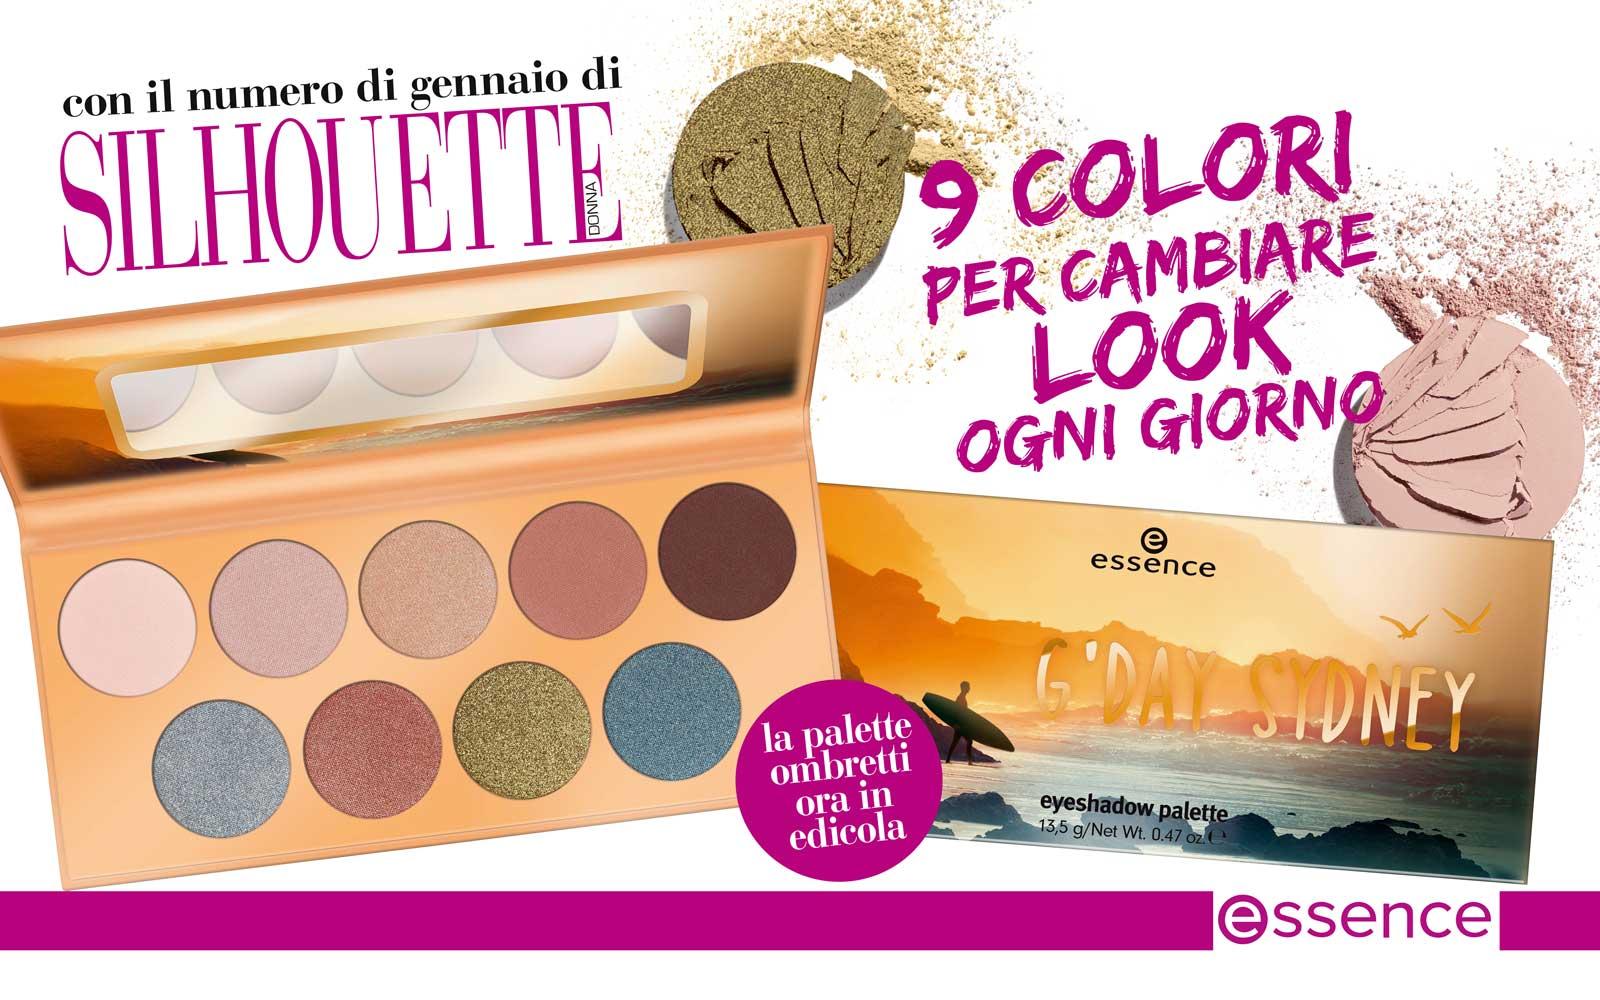 Make up: cambia look ogni giorno con la palette G'Day Sidney di essence